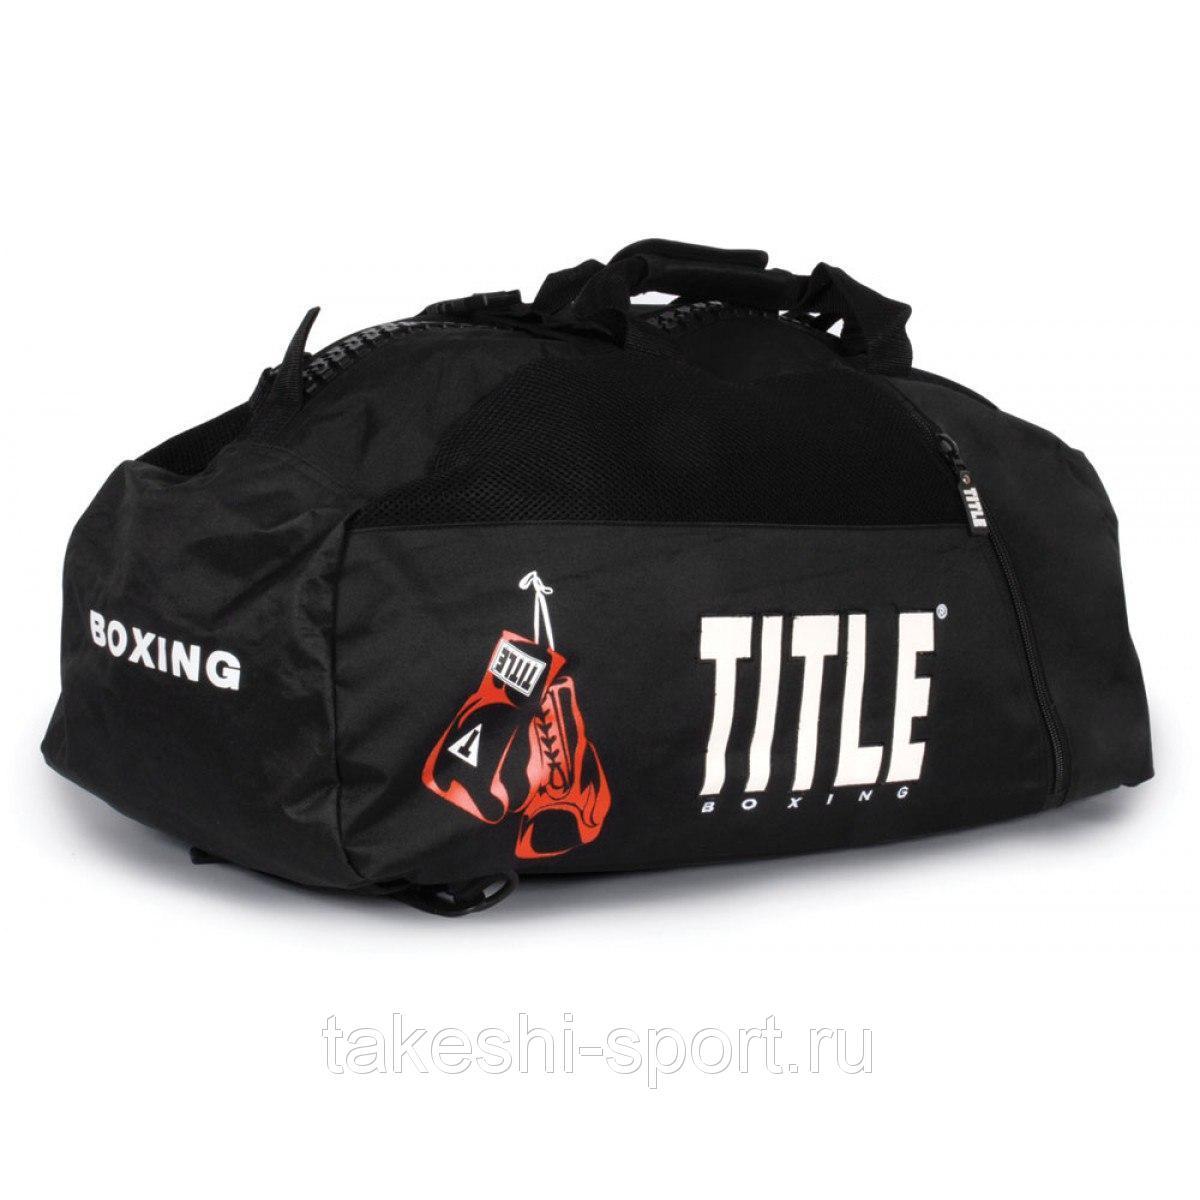 fe7a251ec9a0 Сумка-рюкзак спортивная Title Sport Bag - Backpack Black.  566056230_w640_h640_title